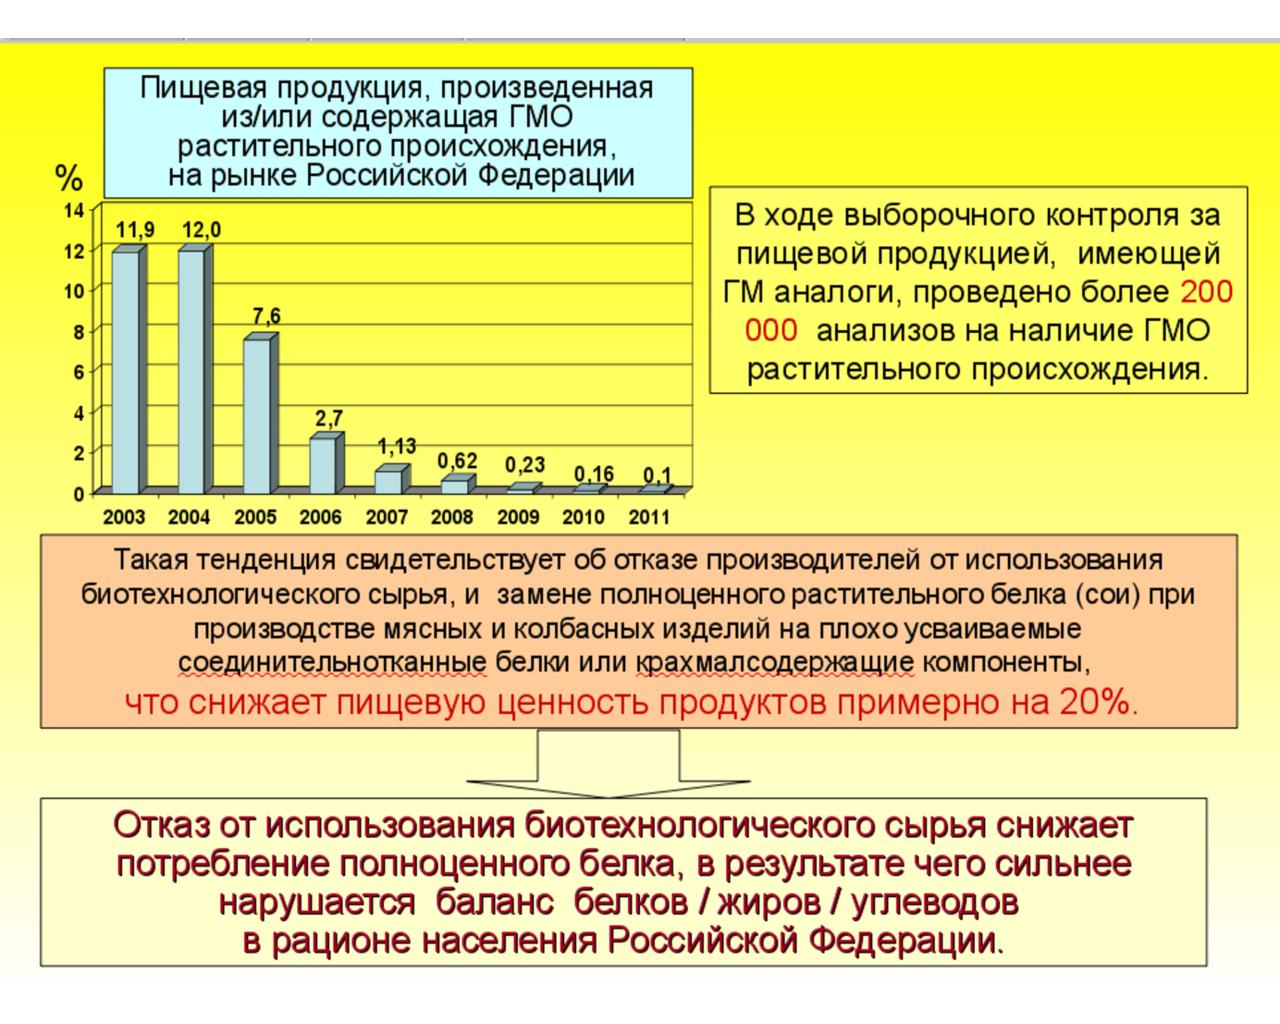 Проблемы использования генно-модифицированной продукции